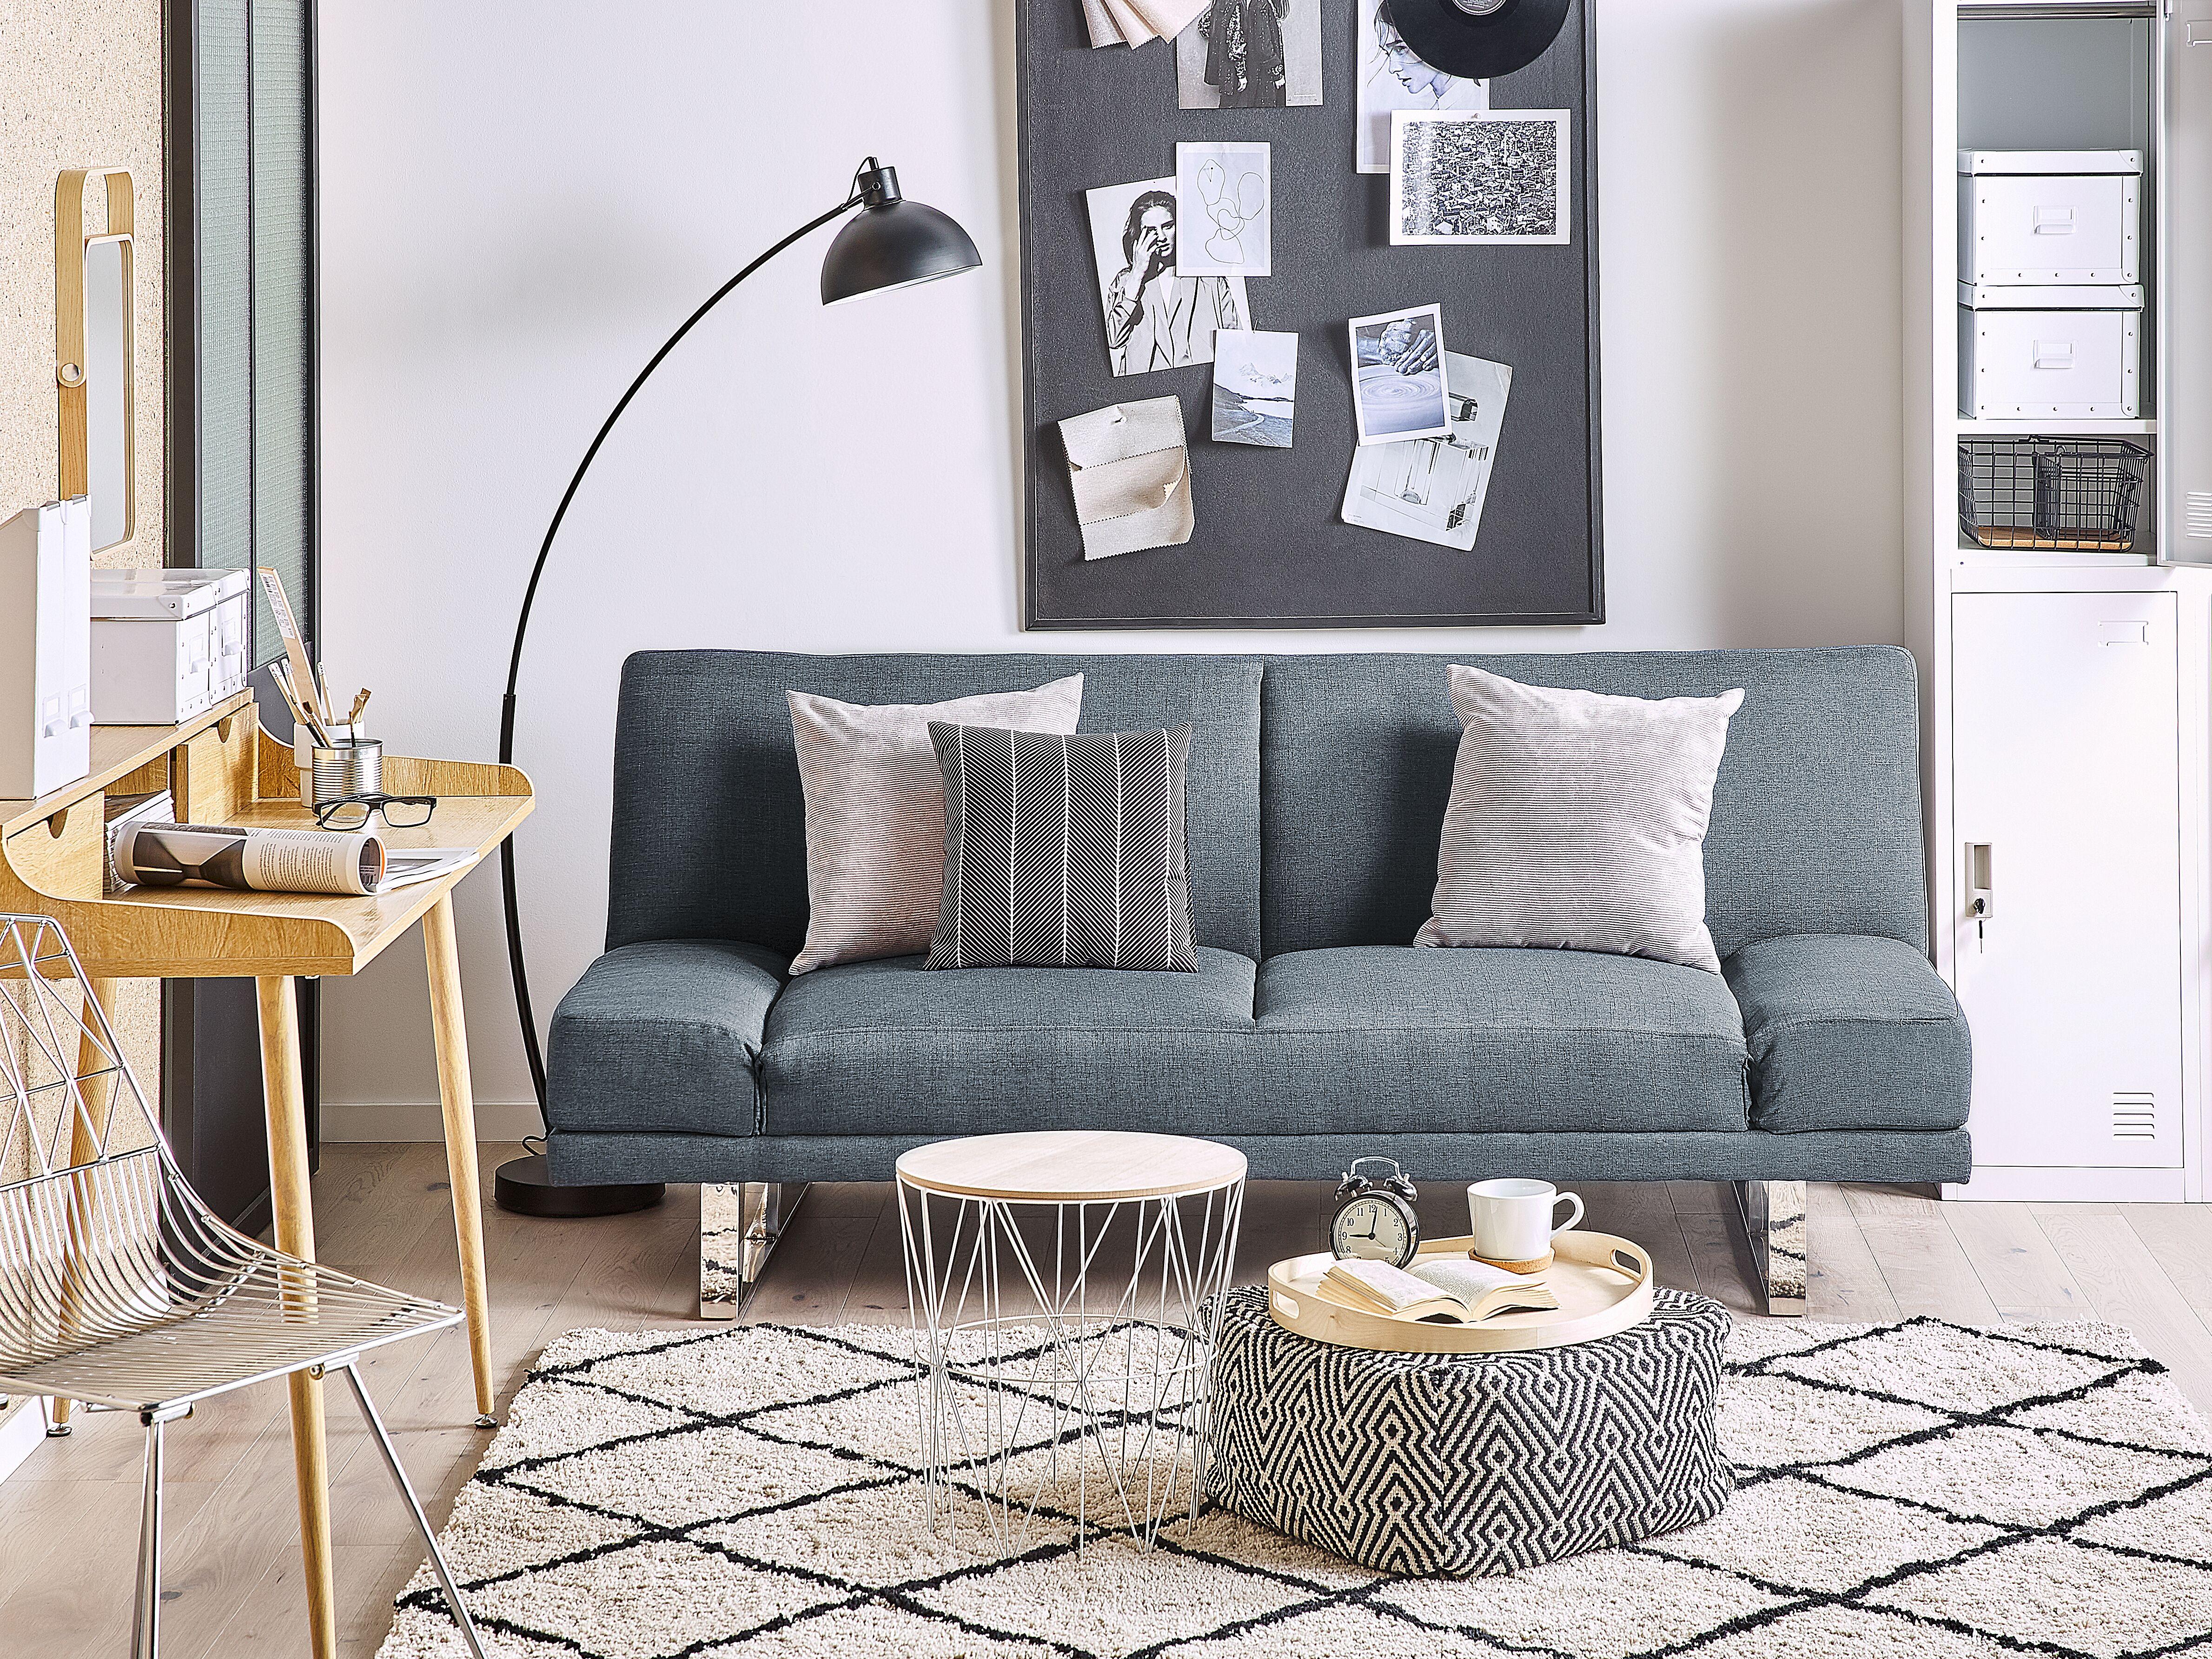 Basics-Divano letto a 3 posti blu scuro 182 x 80 x 80 cm